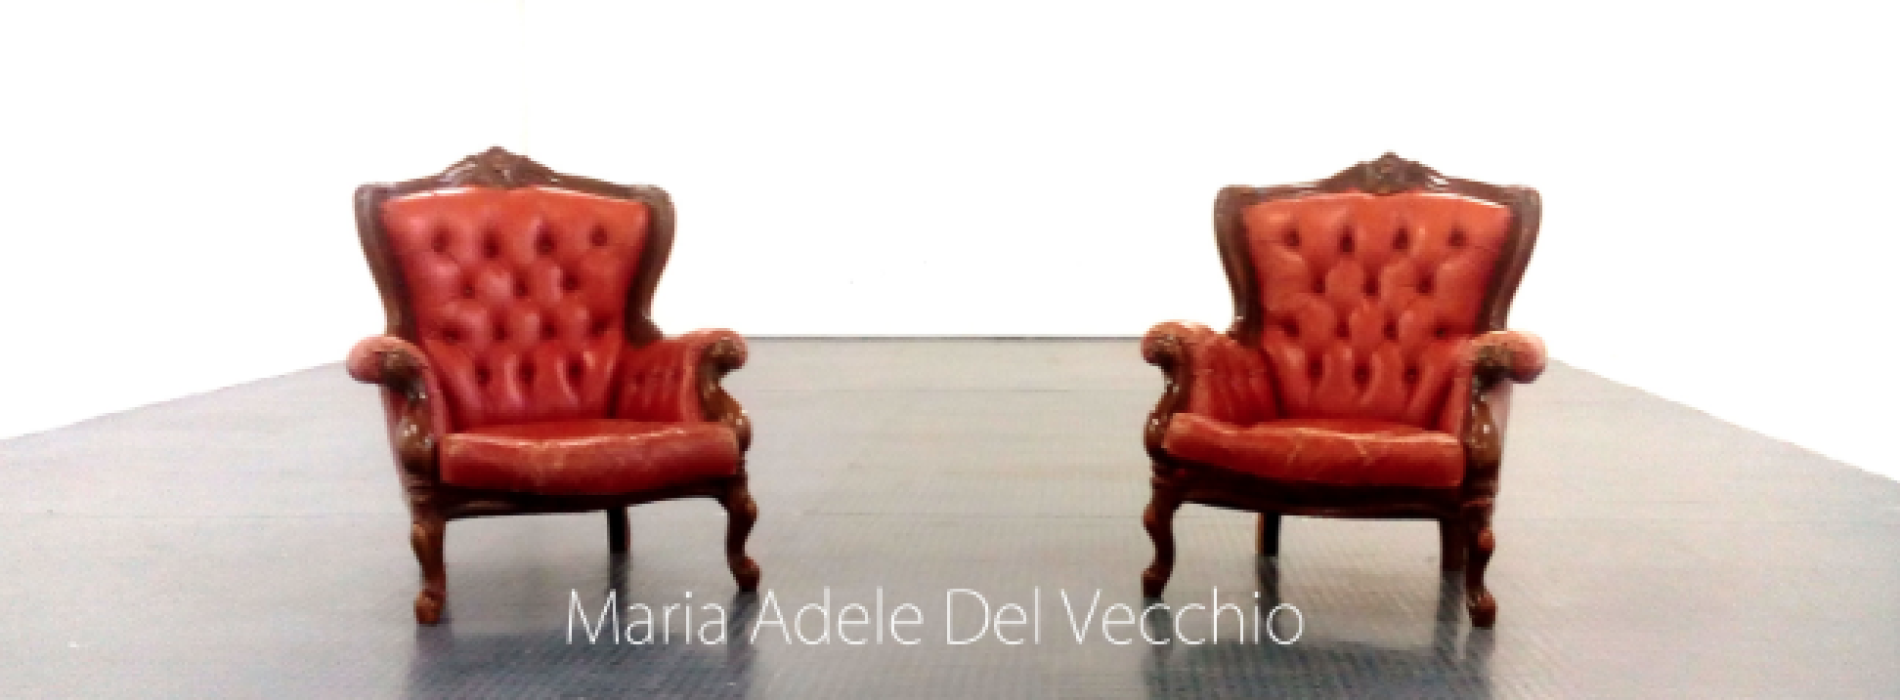 Maria Adele Del Vecchio, un'opera racconta la sua storia